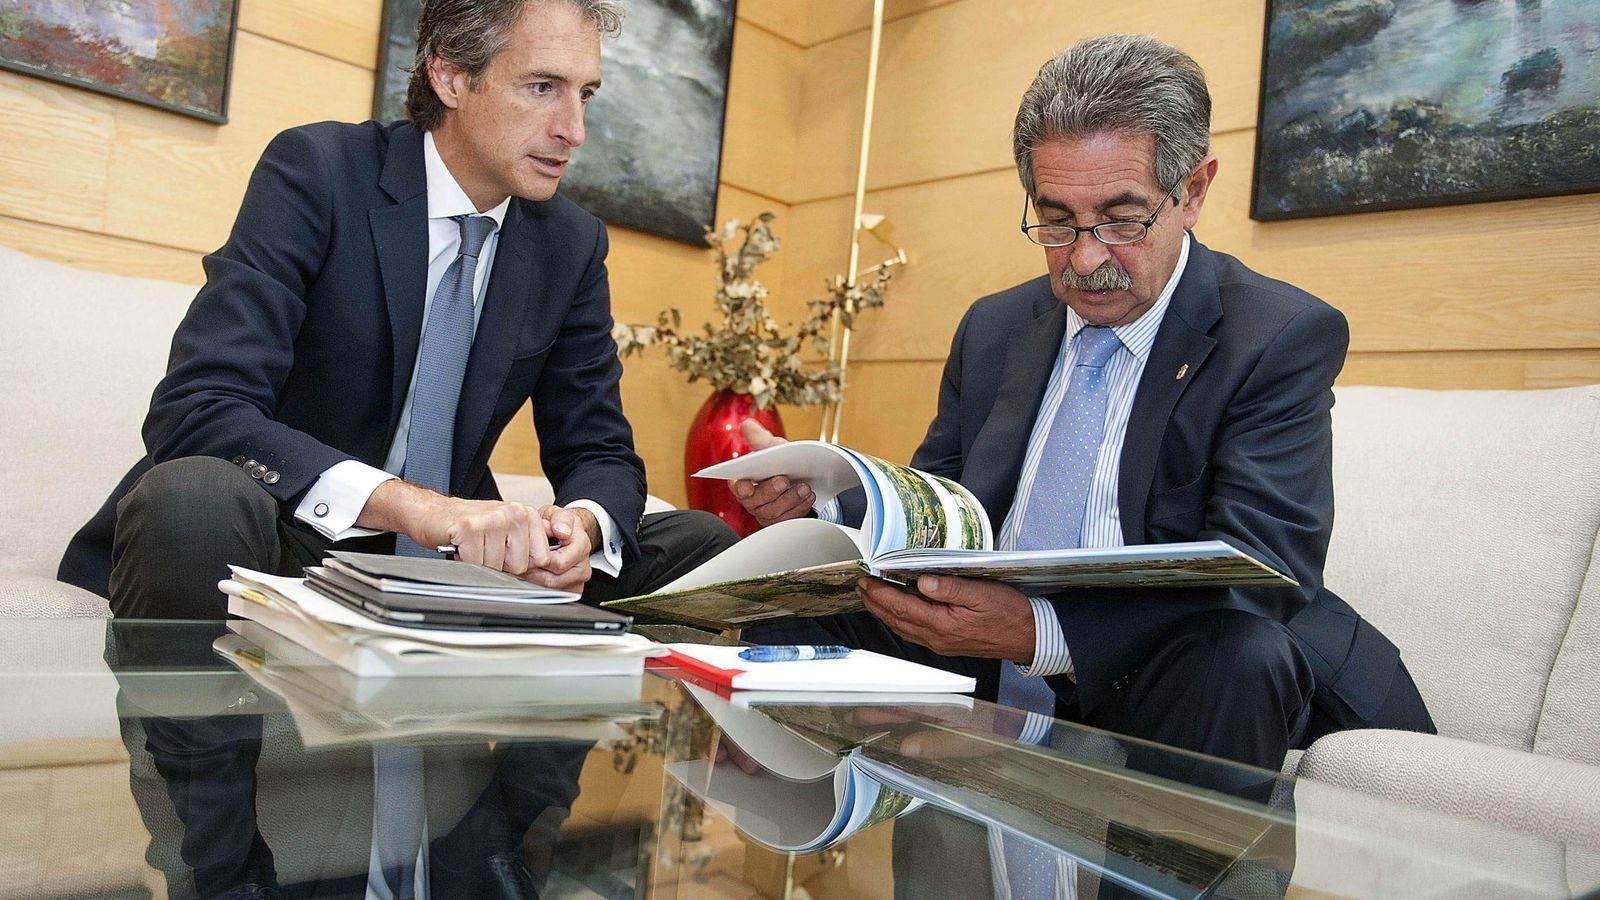 Foto: reunión entre De la Serna y Revilla el año pasado. EFE